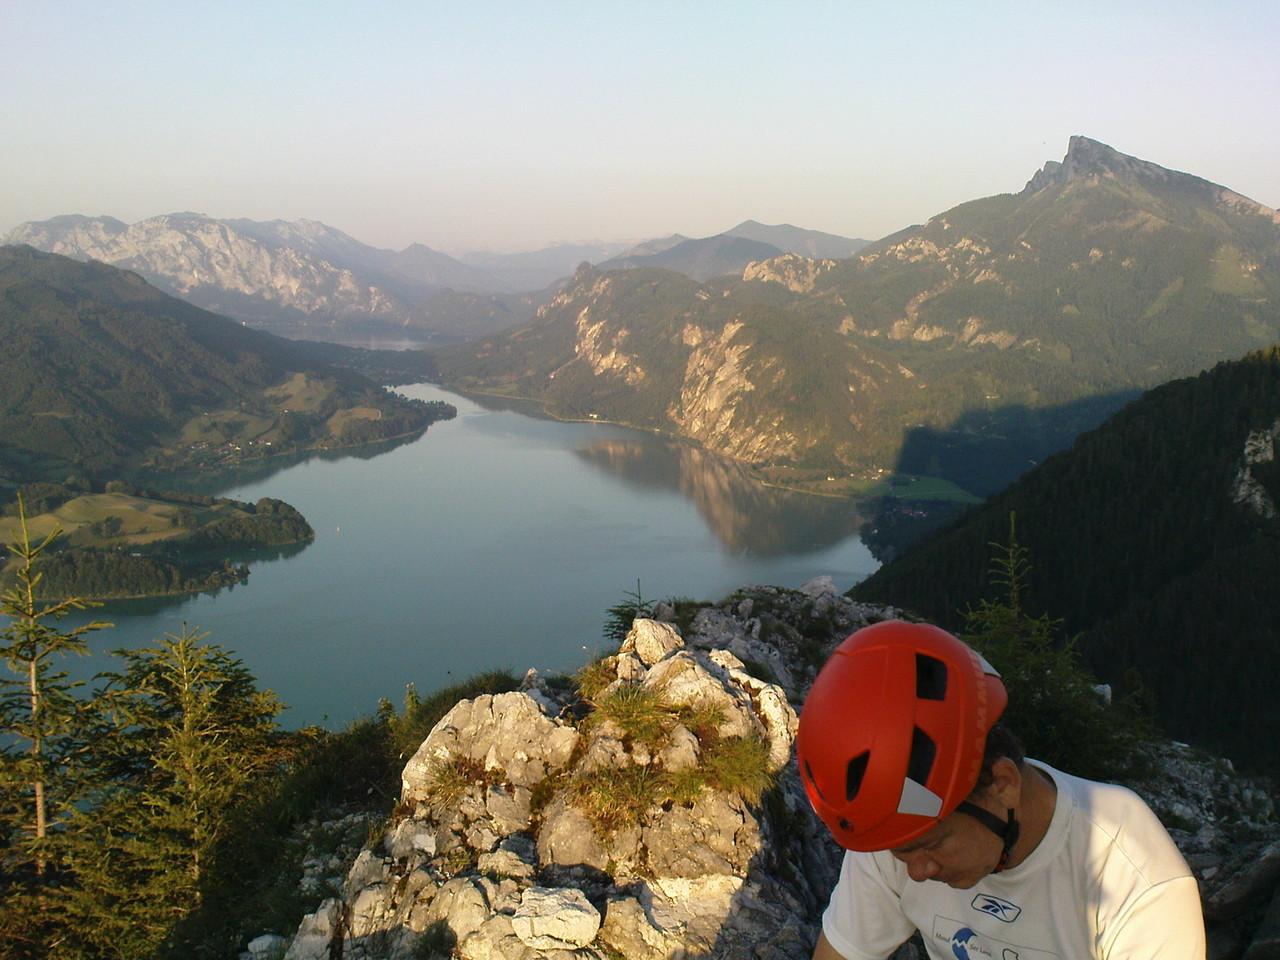 Drachenwand - über Klettersteig, Aussicht auf Mondsee u Attersee